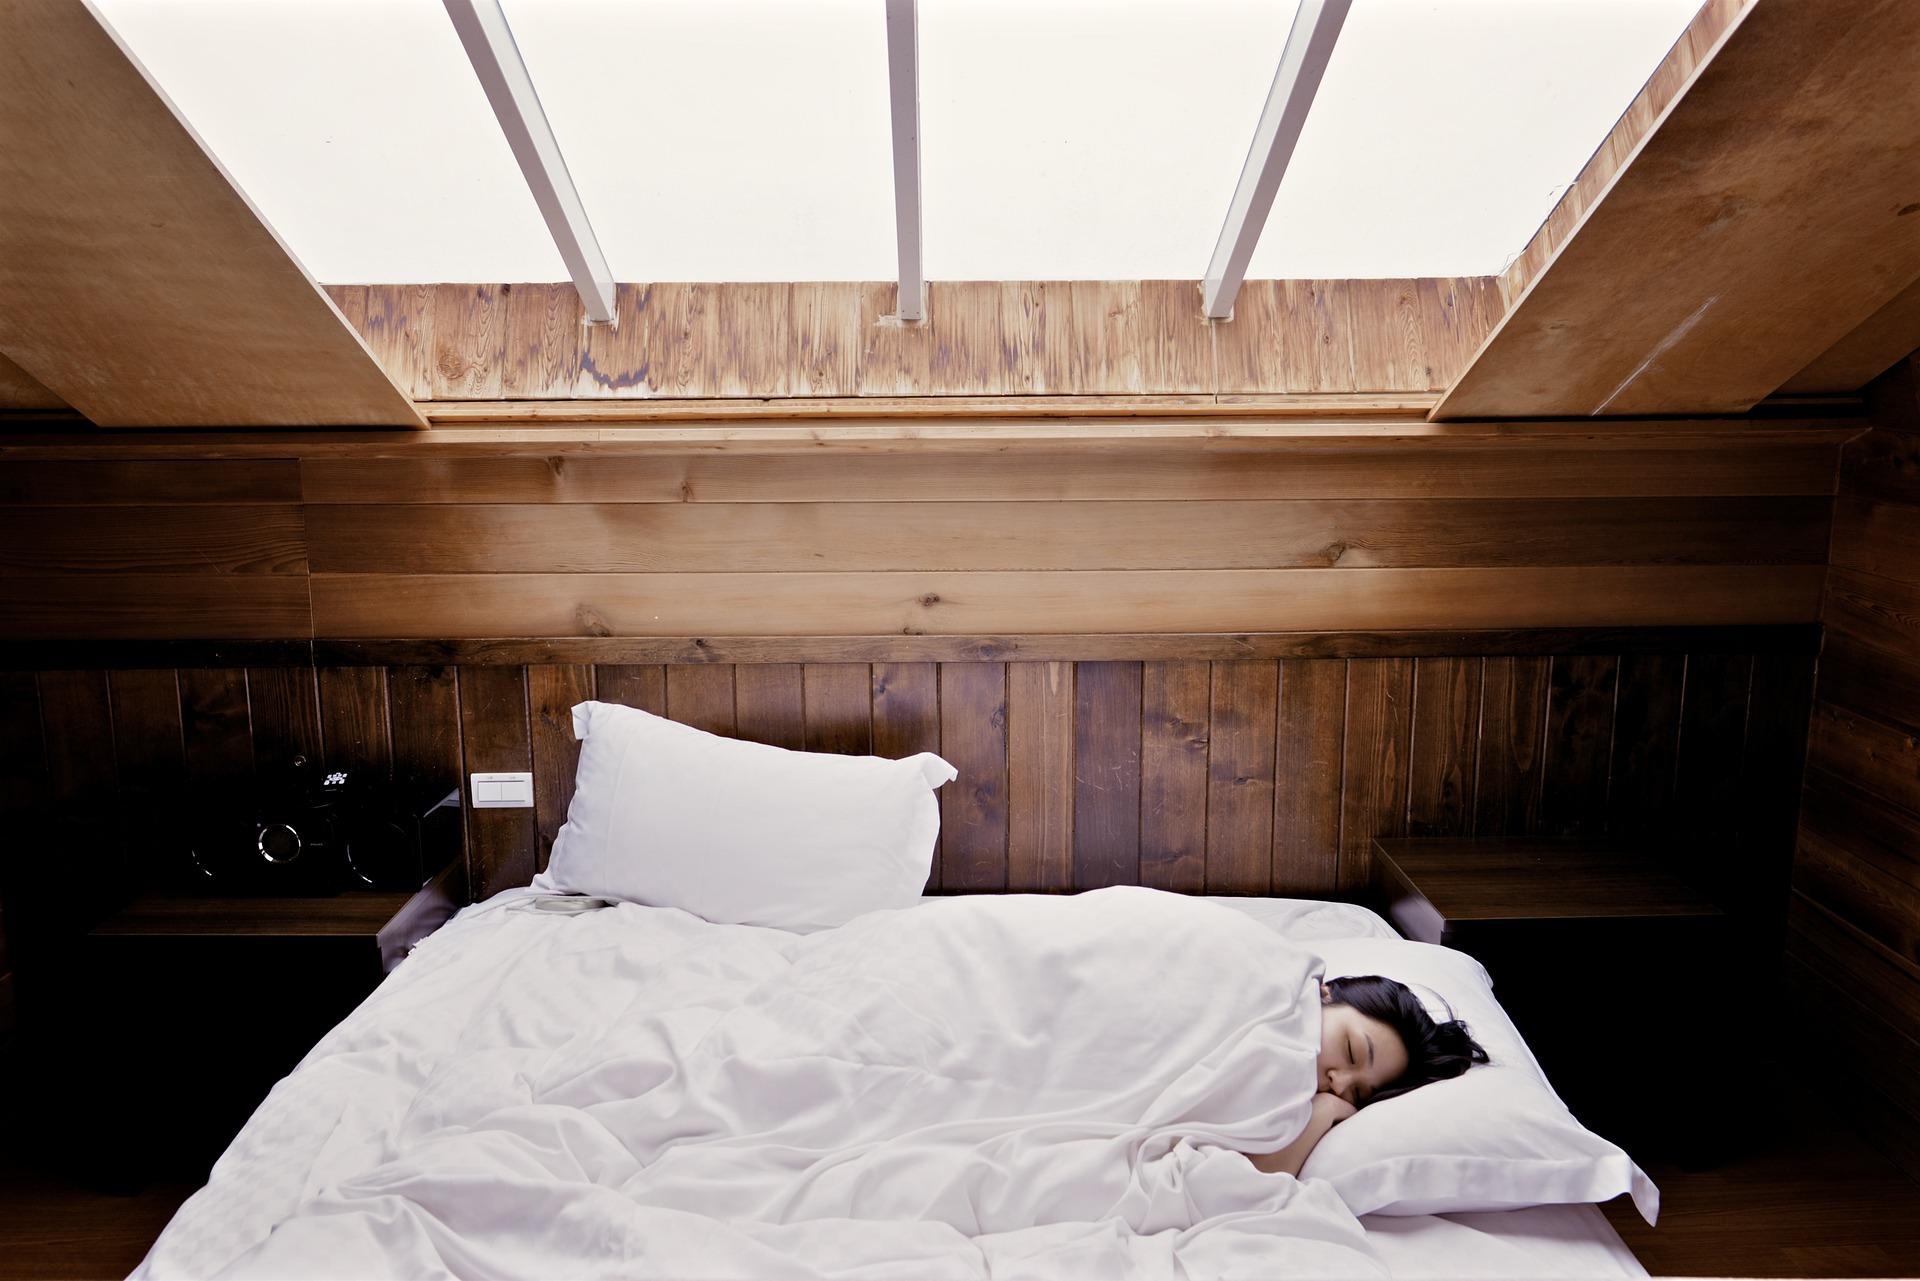 Dormir bem e melhorar qualidade de vida